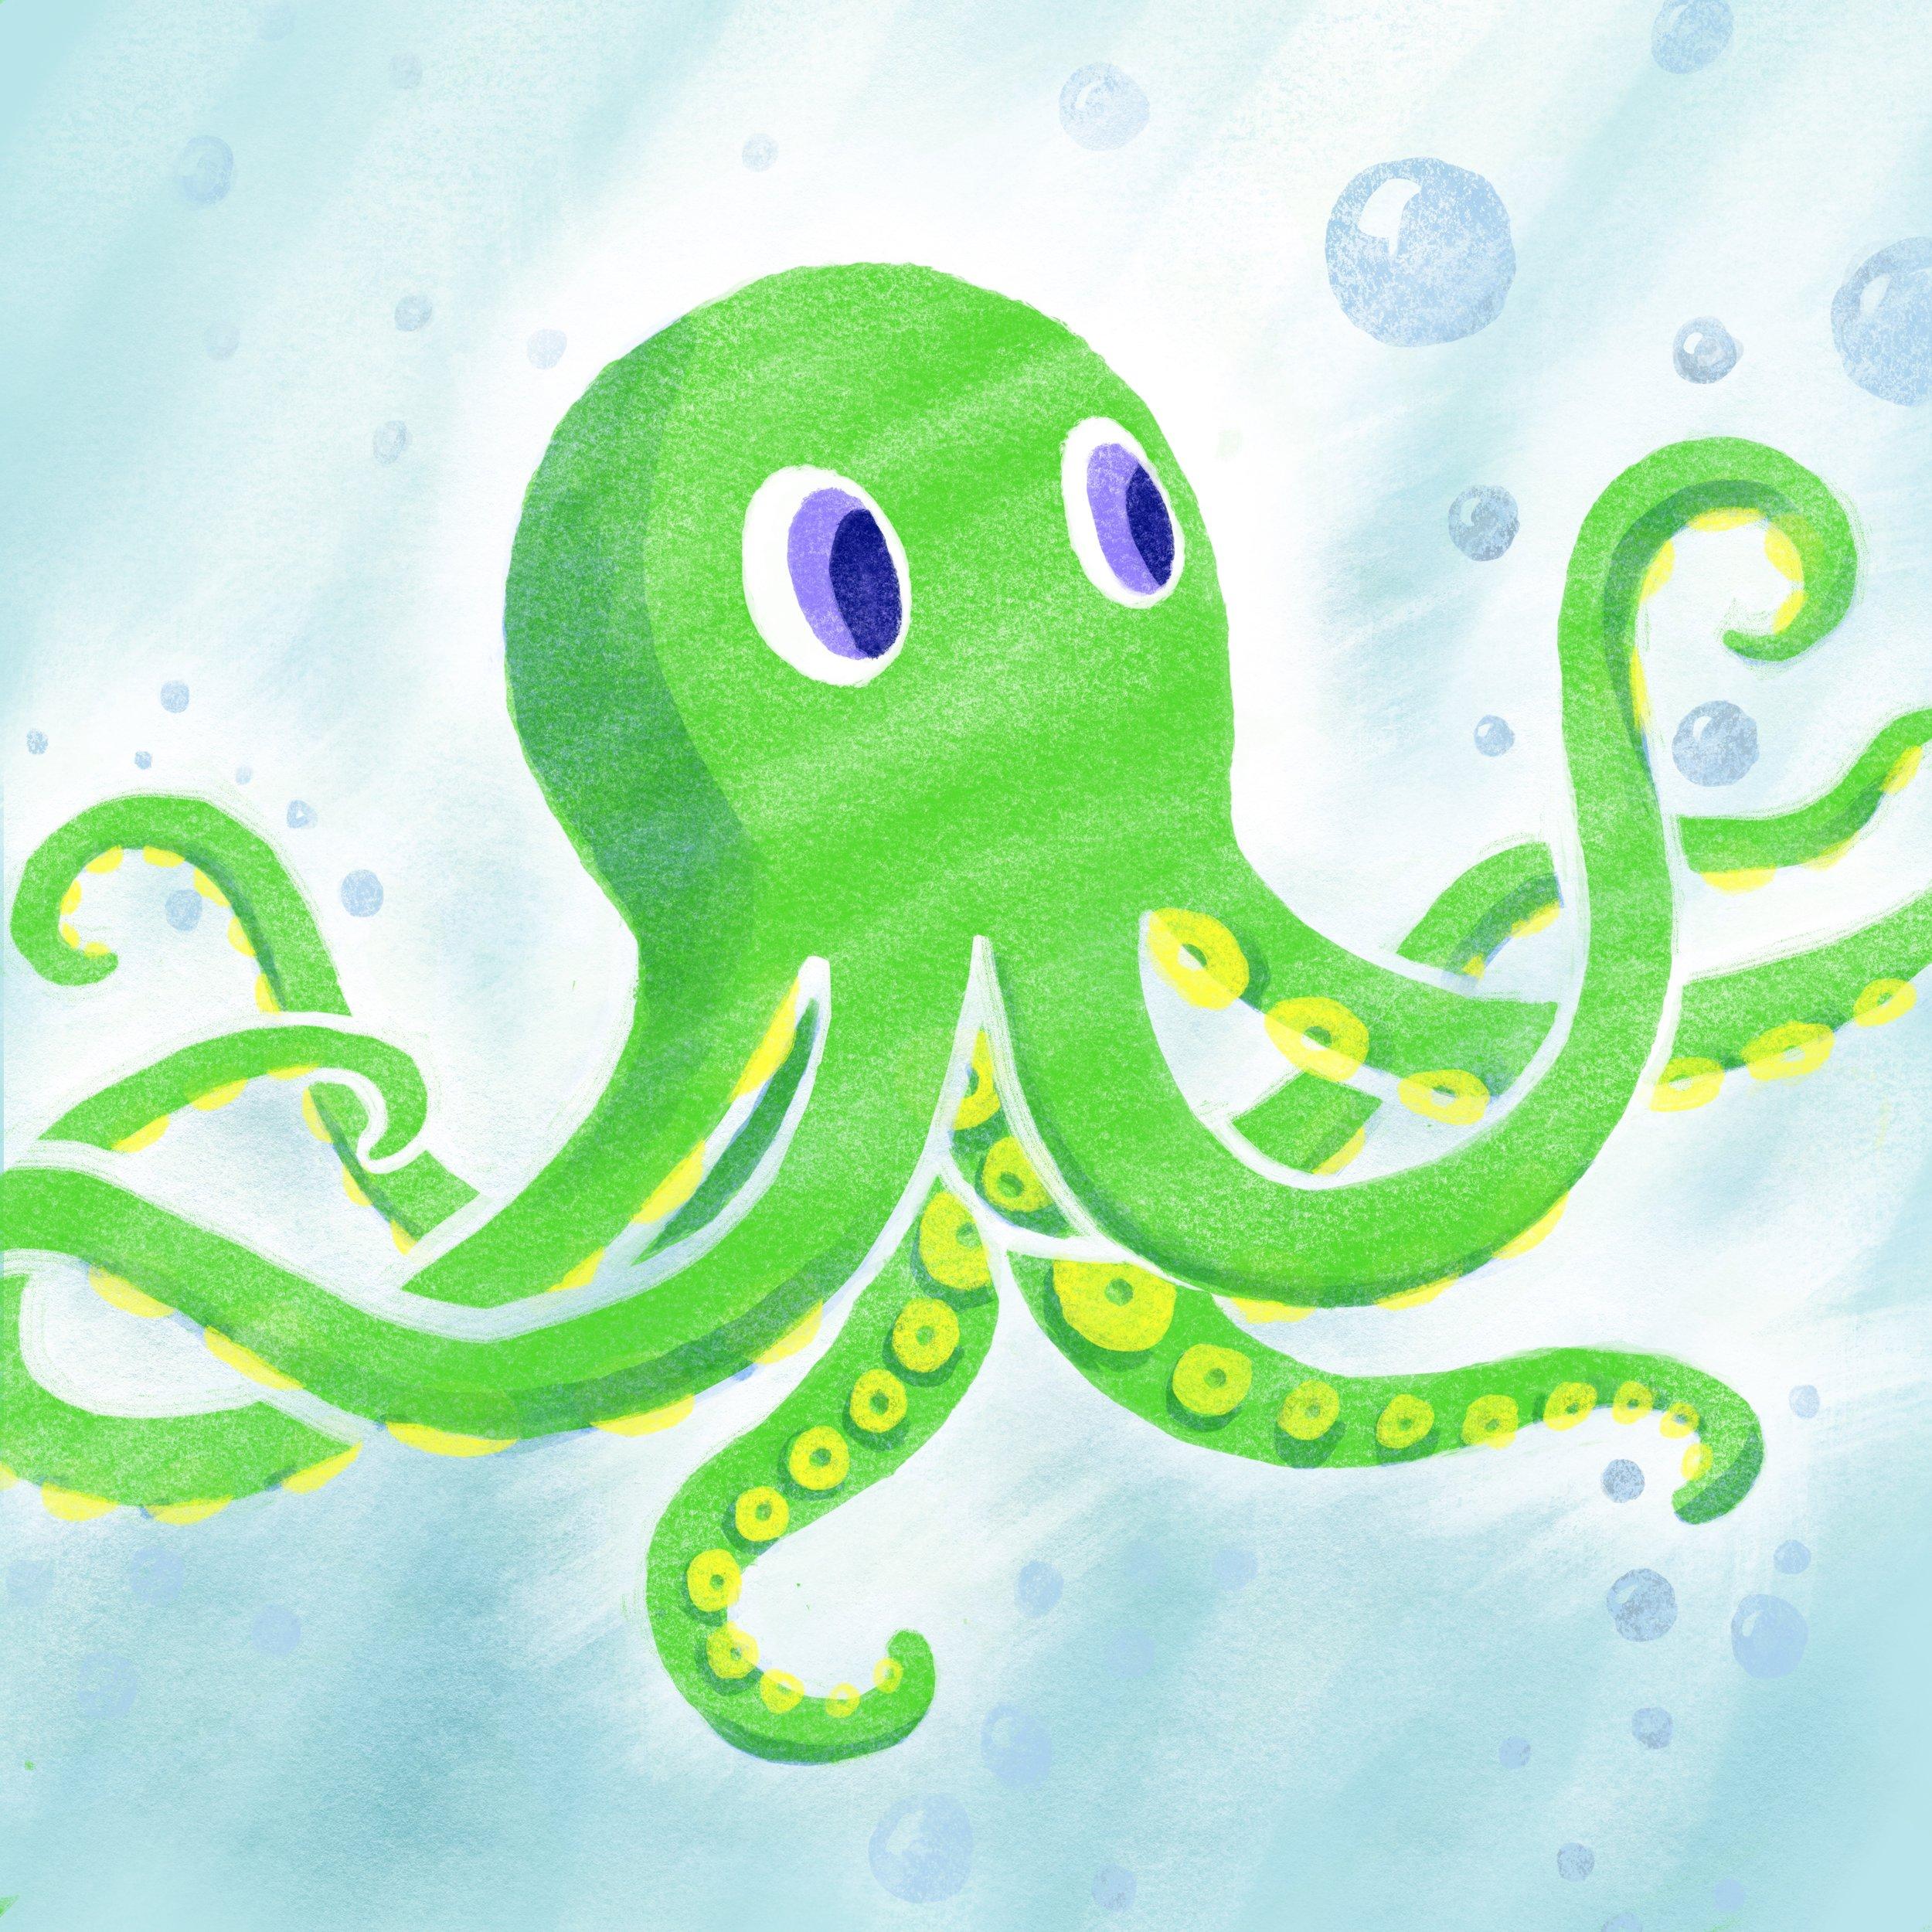 Octopus_.jpg